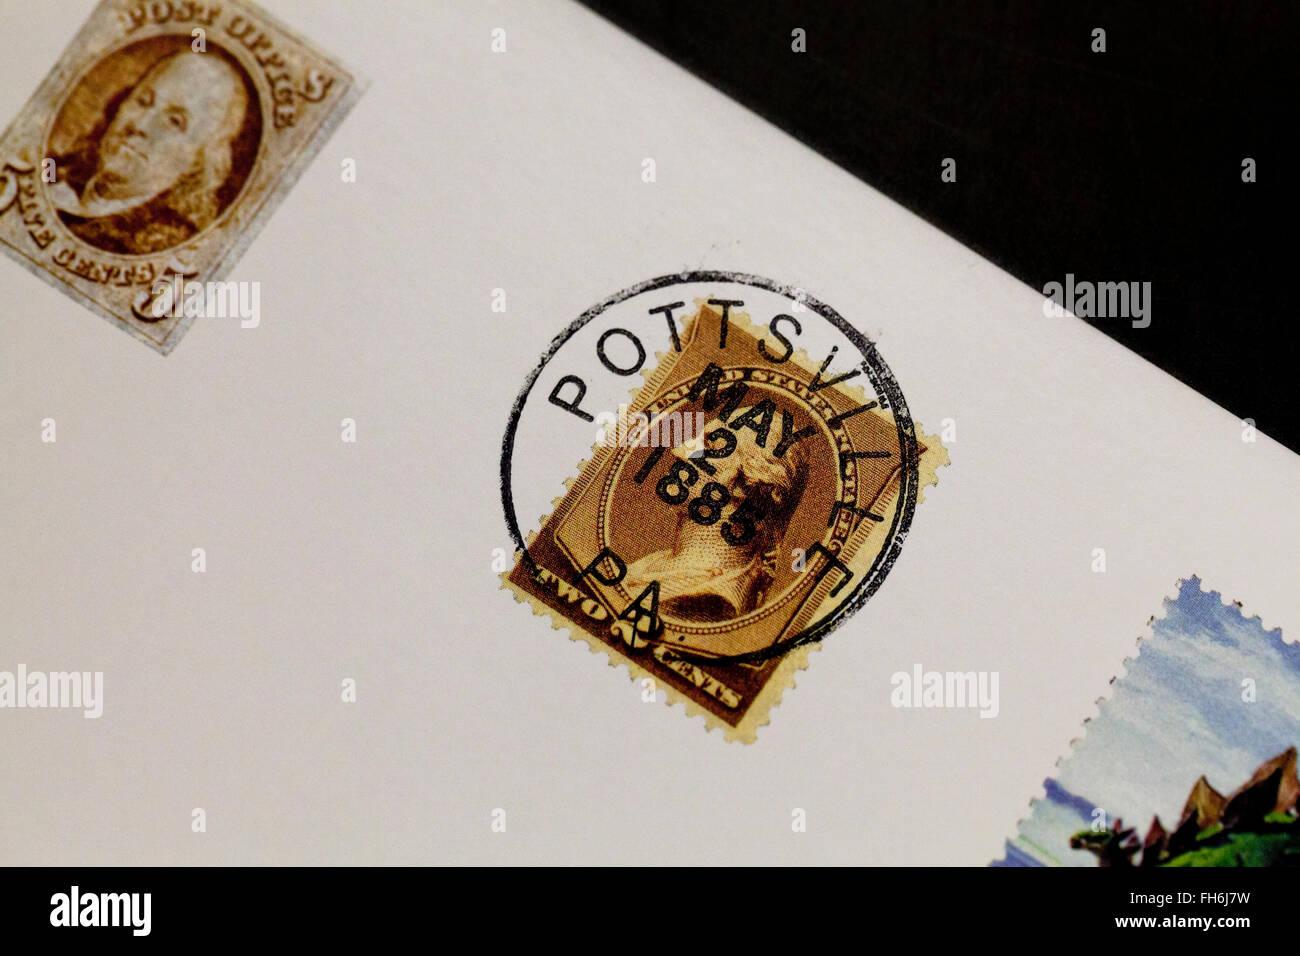 US Postmark on stamp - USA - Stock Image